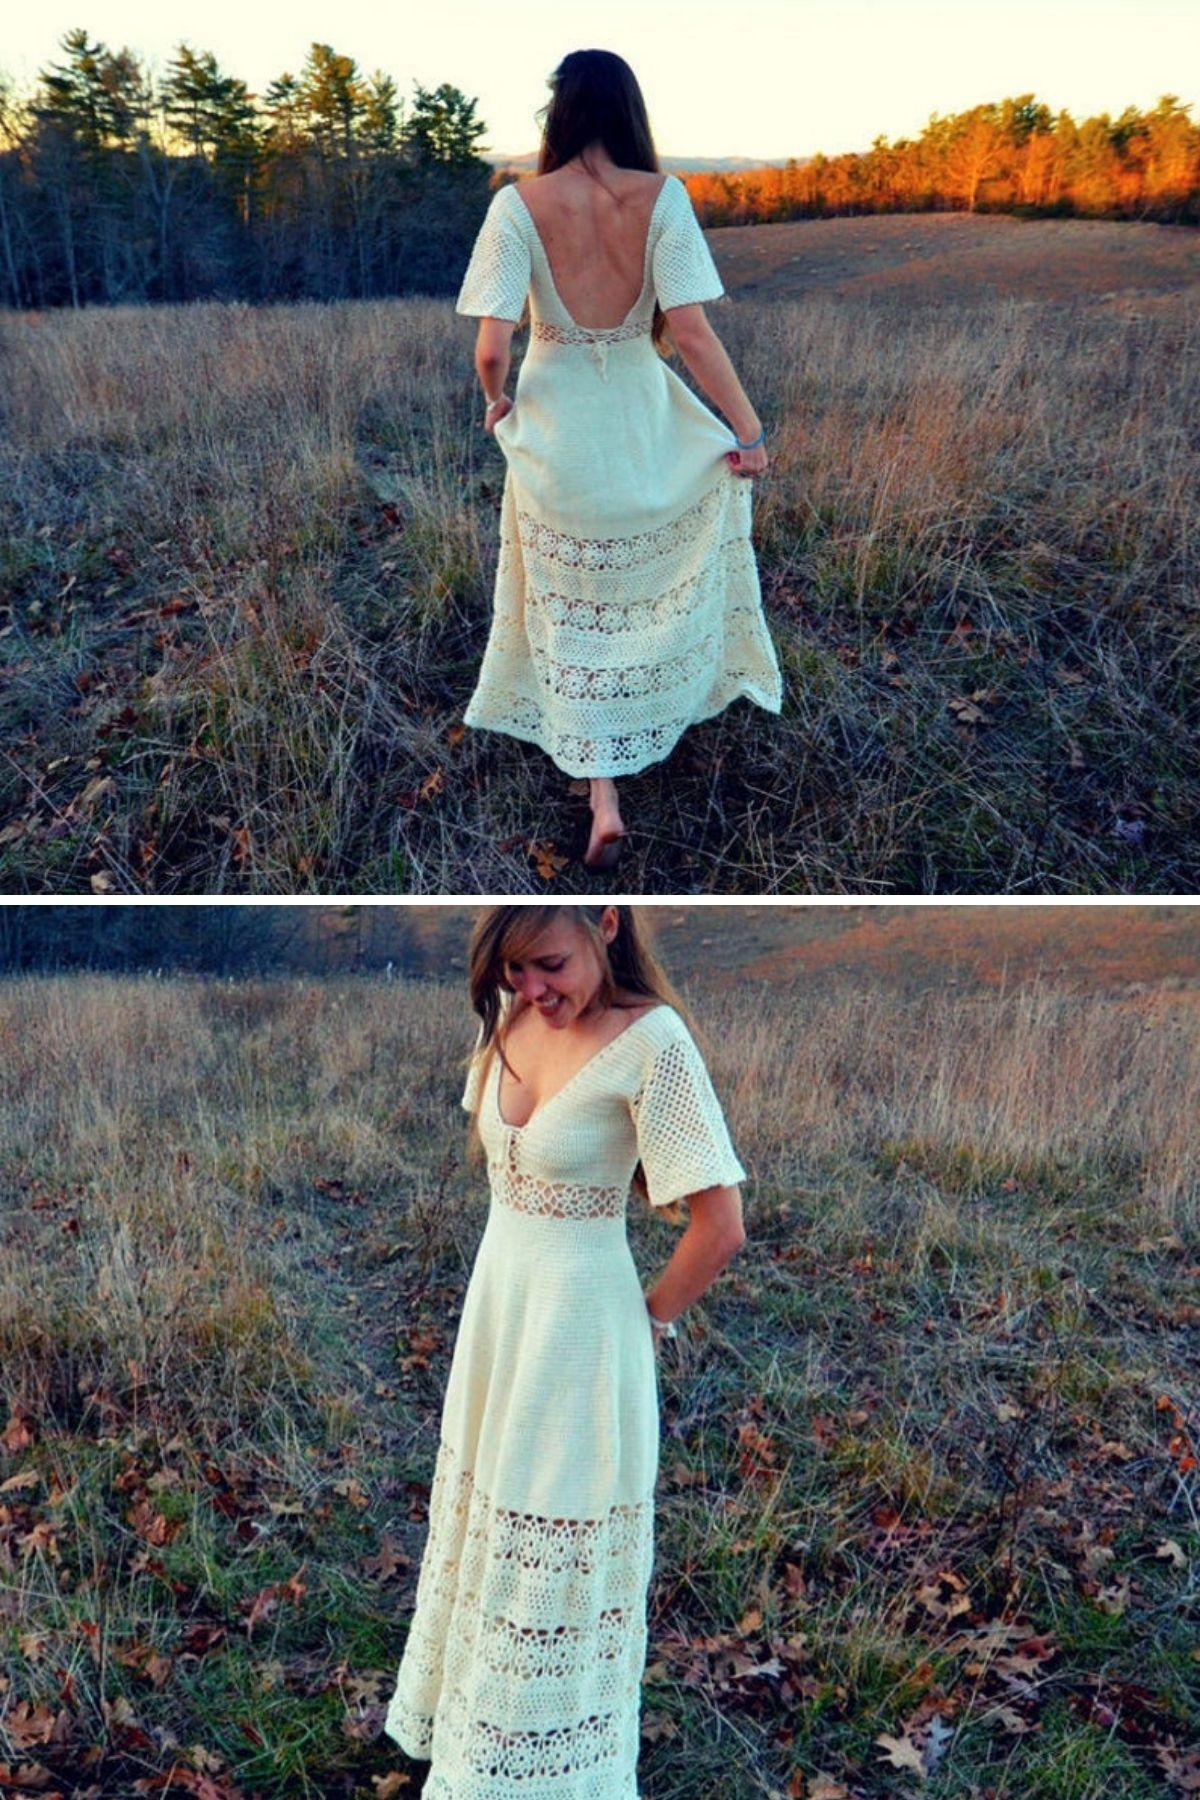 Woman in crochet dress in field